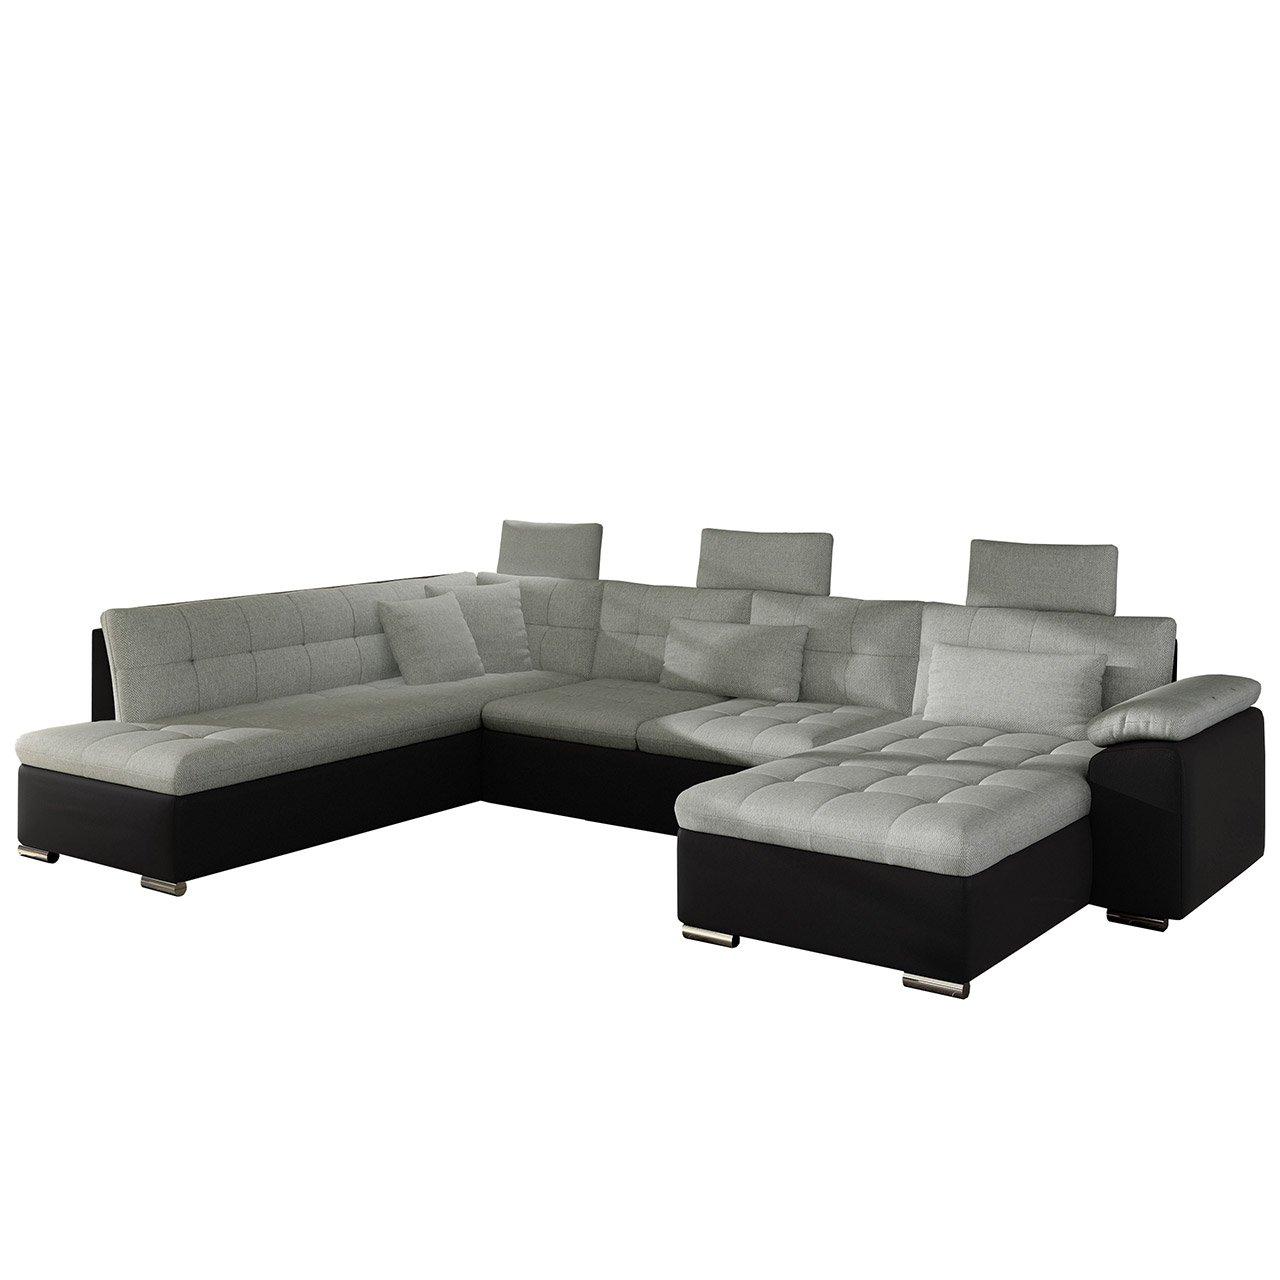 sofa mit bettkasten und full size of gros sofa mit und matratze genial schlafsofao fondo design. Black Bedroom Furniture Sets. Home Design Ideas